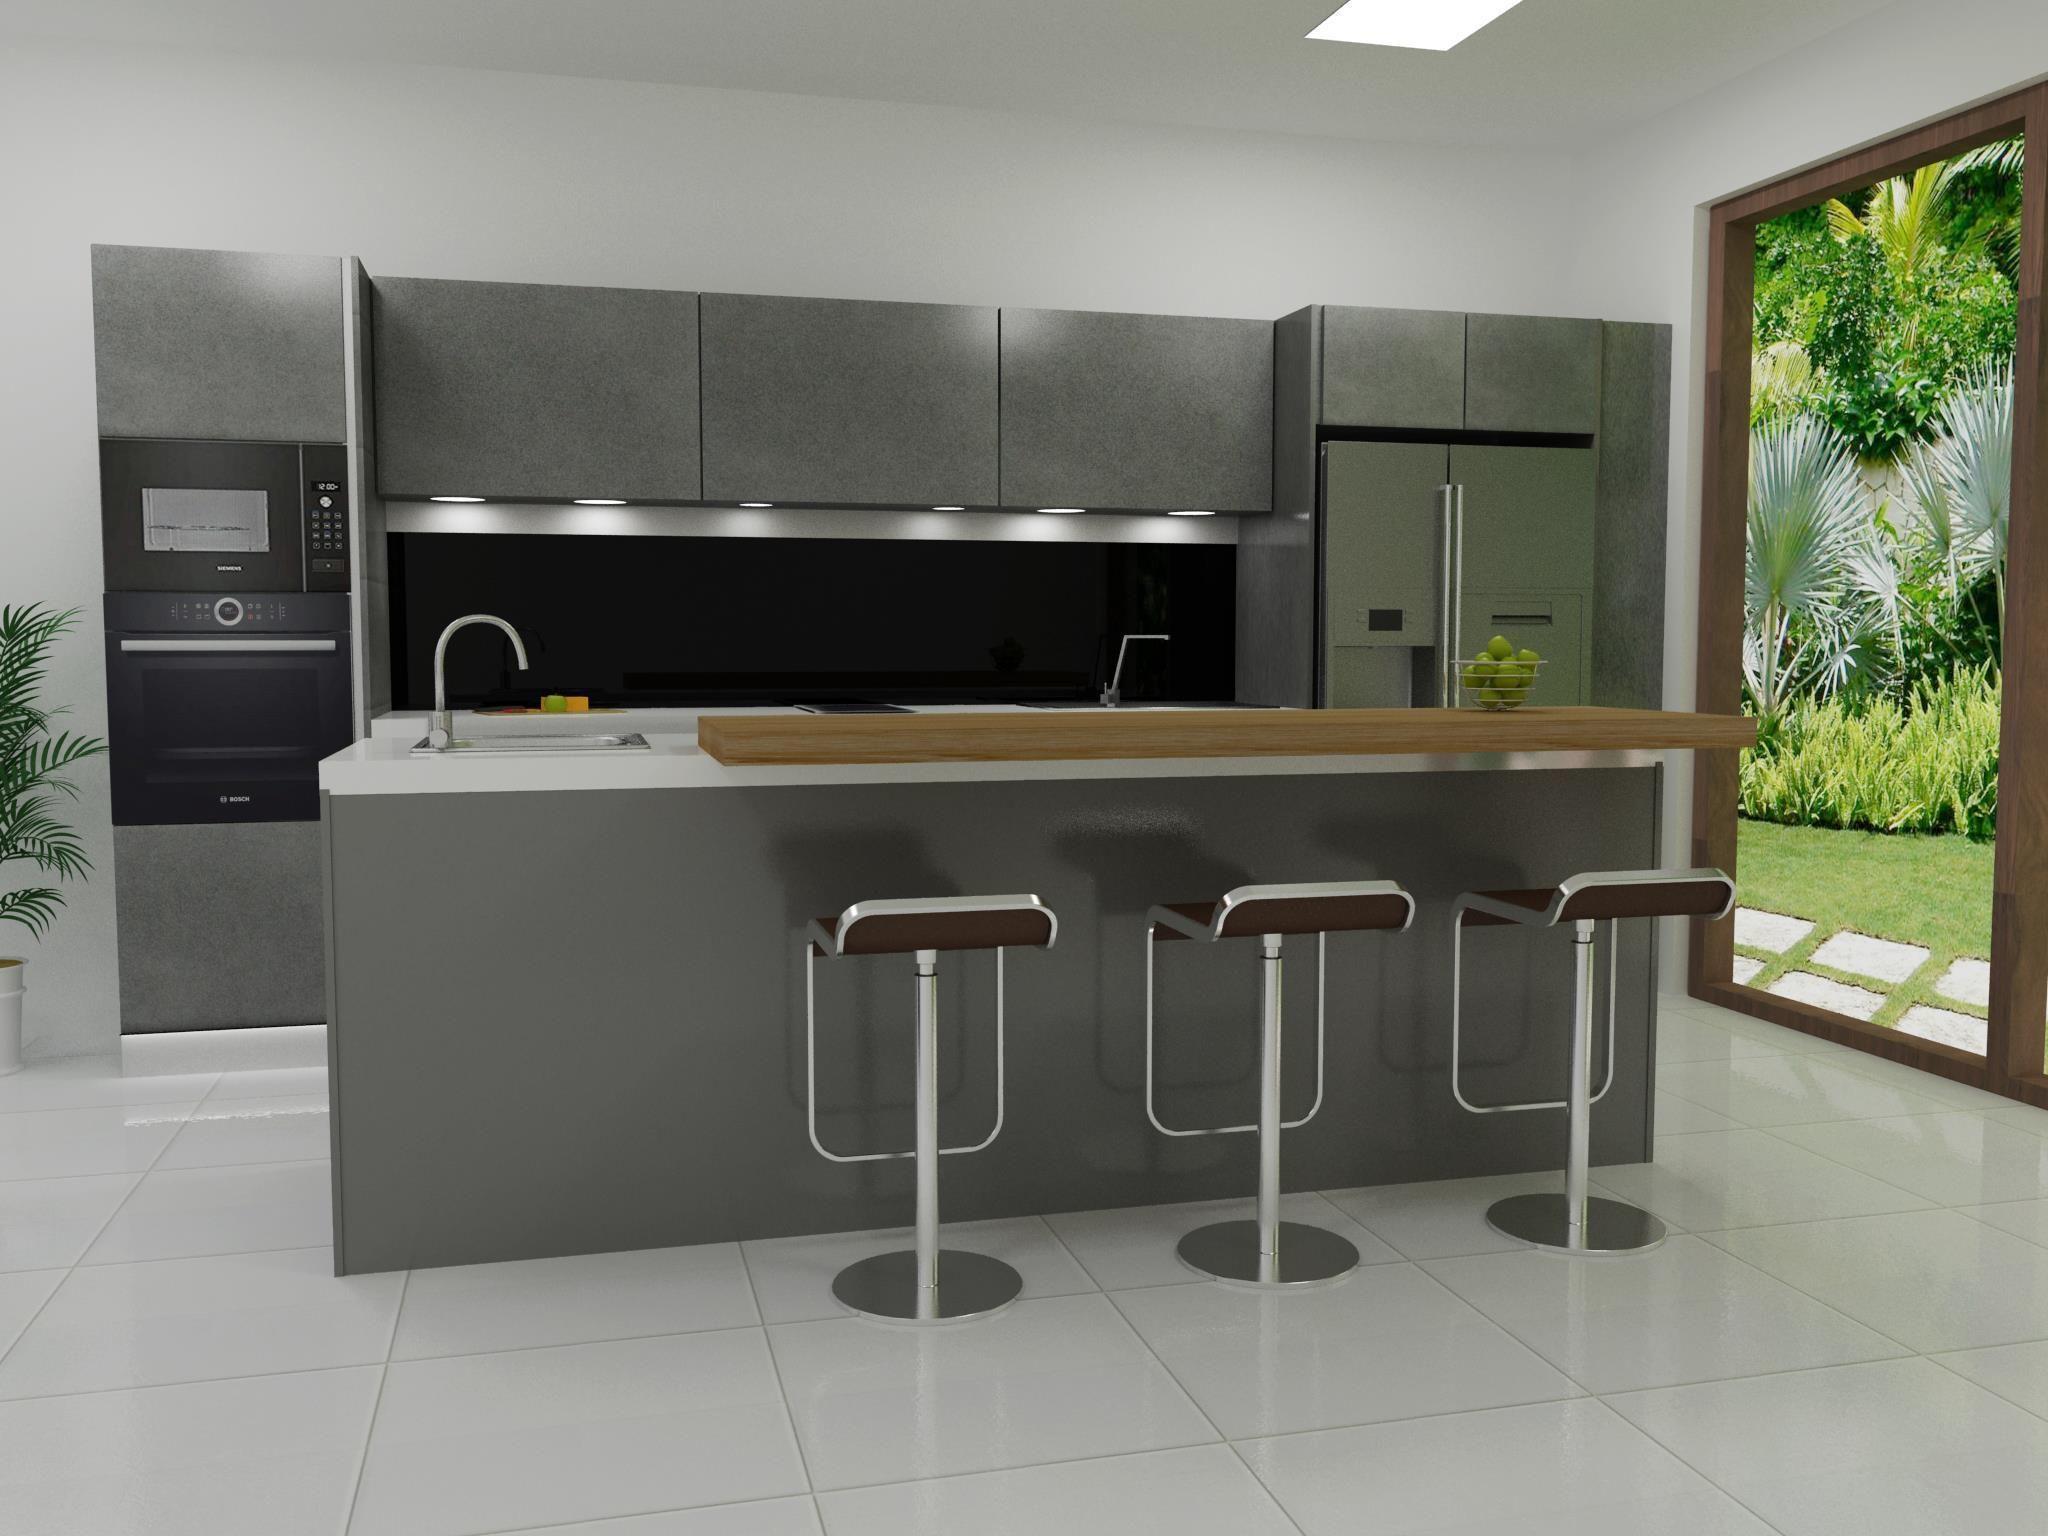 Modern Kitchen 3D wooden | CGTrader on Modern Model Kitchen  id=56381